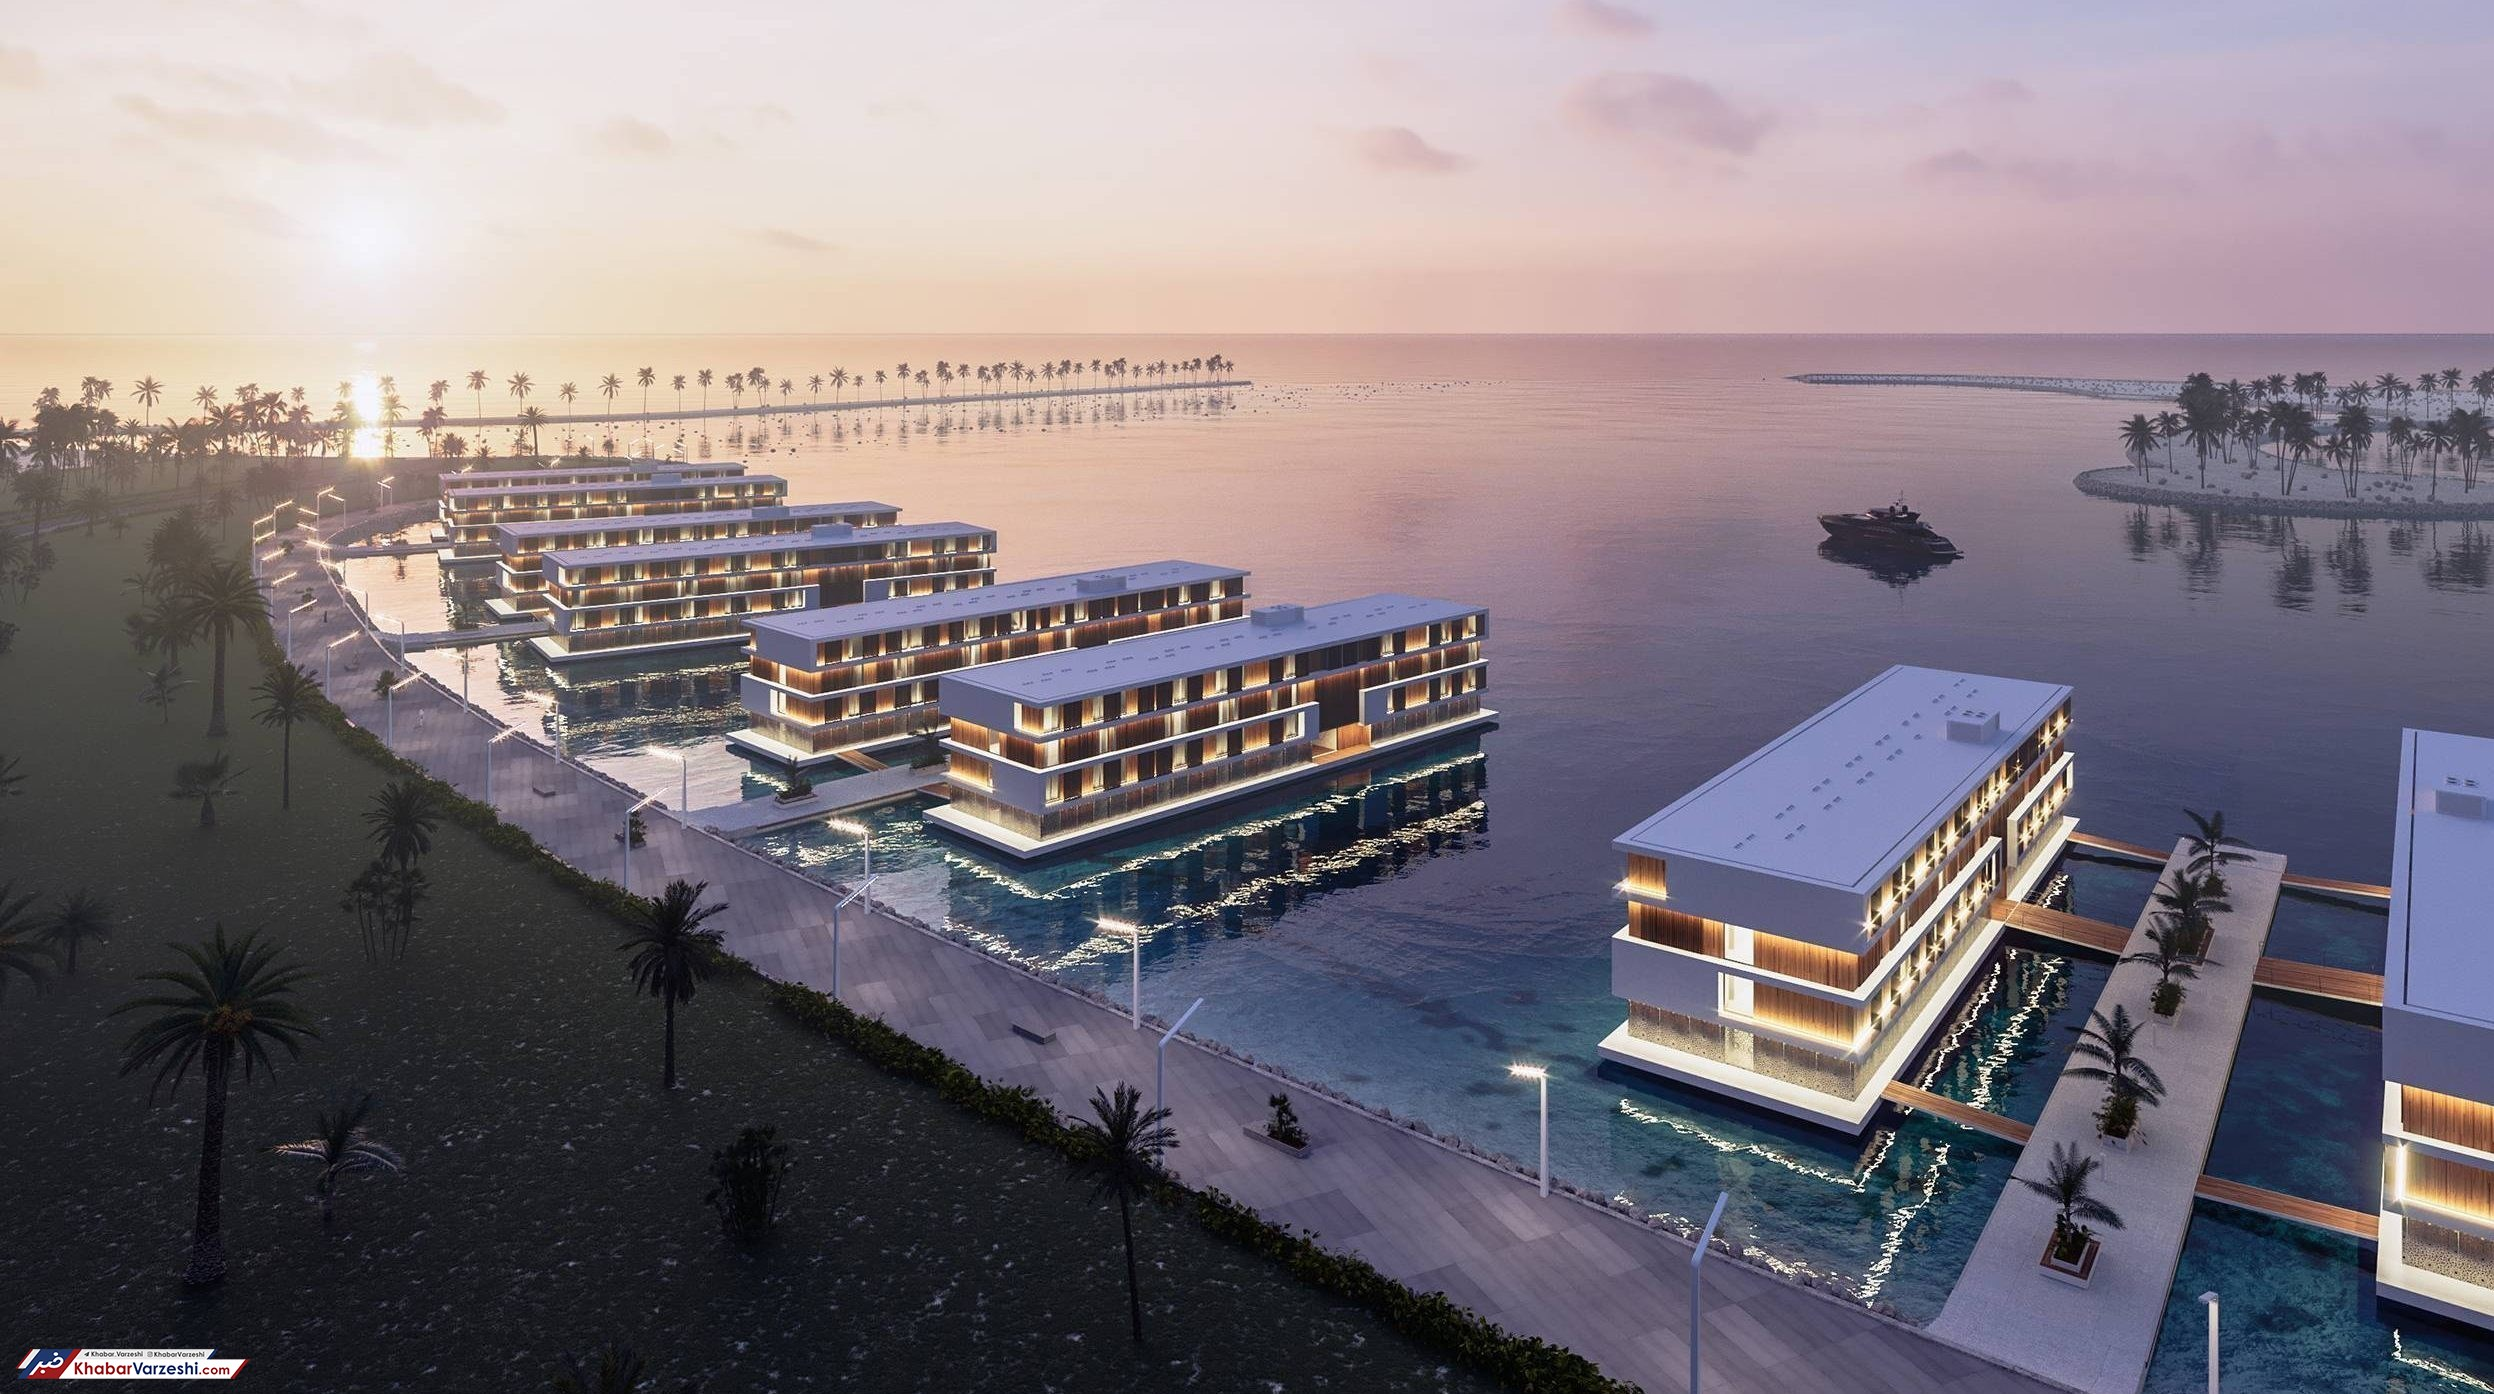 عکس| هتلهای شناور میزبان جامجهانی 2022